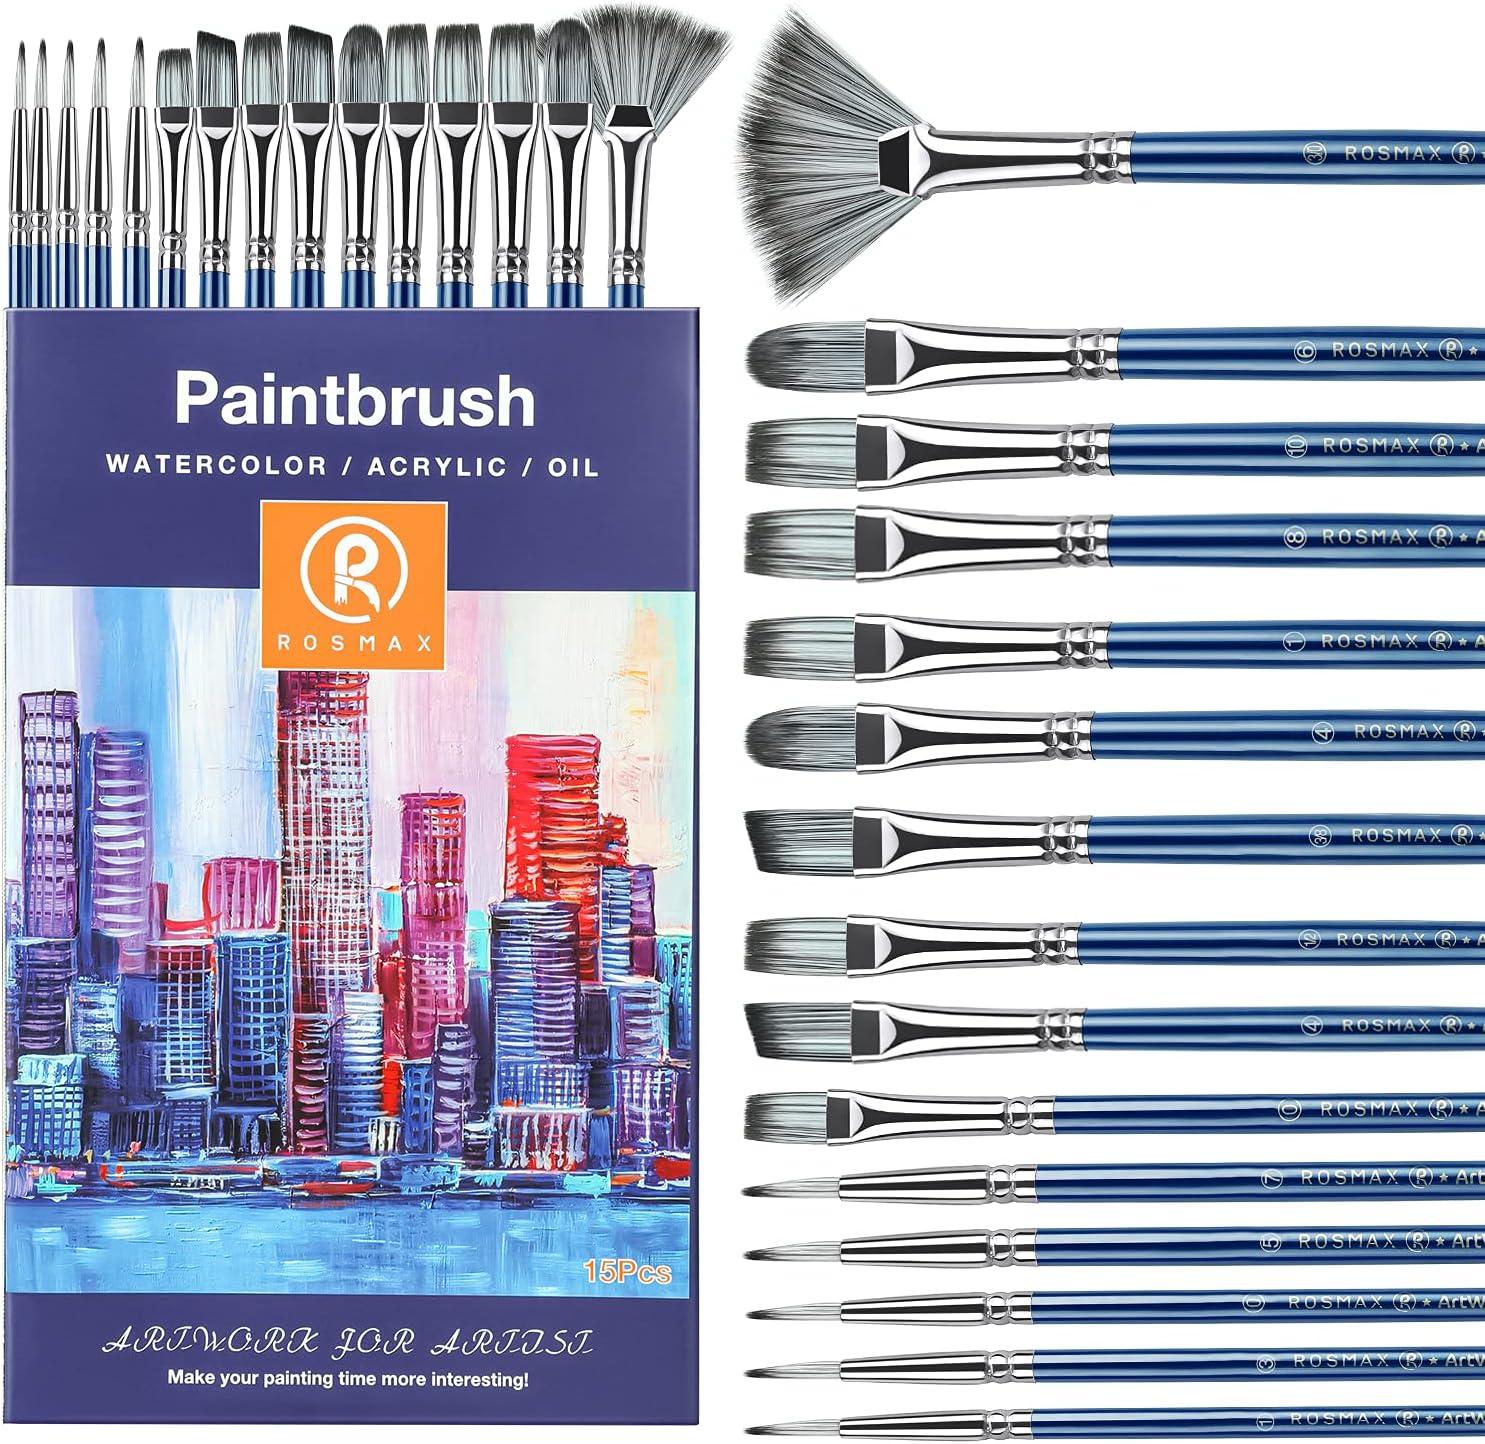 free shipping Indefinitely Rosmax Professional Acrylic Paint Brush 15 Painting of Set Brus